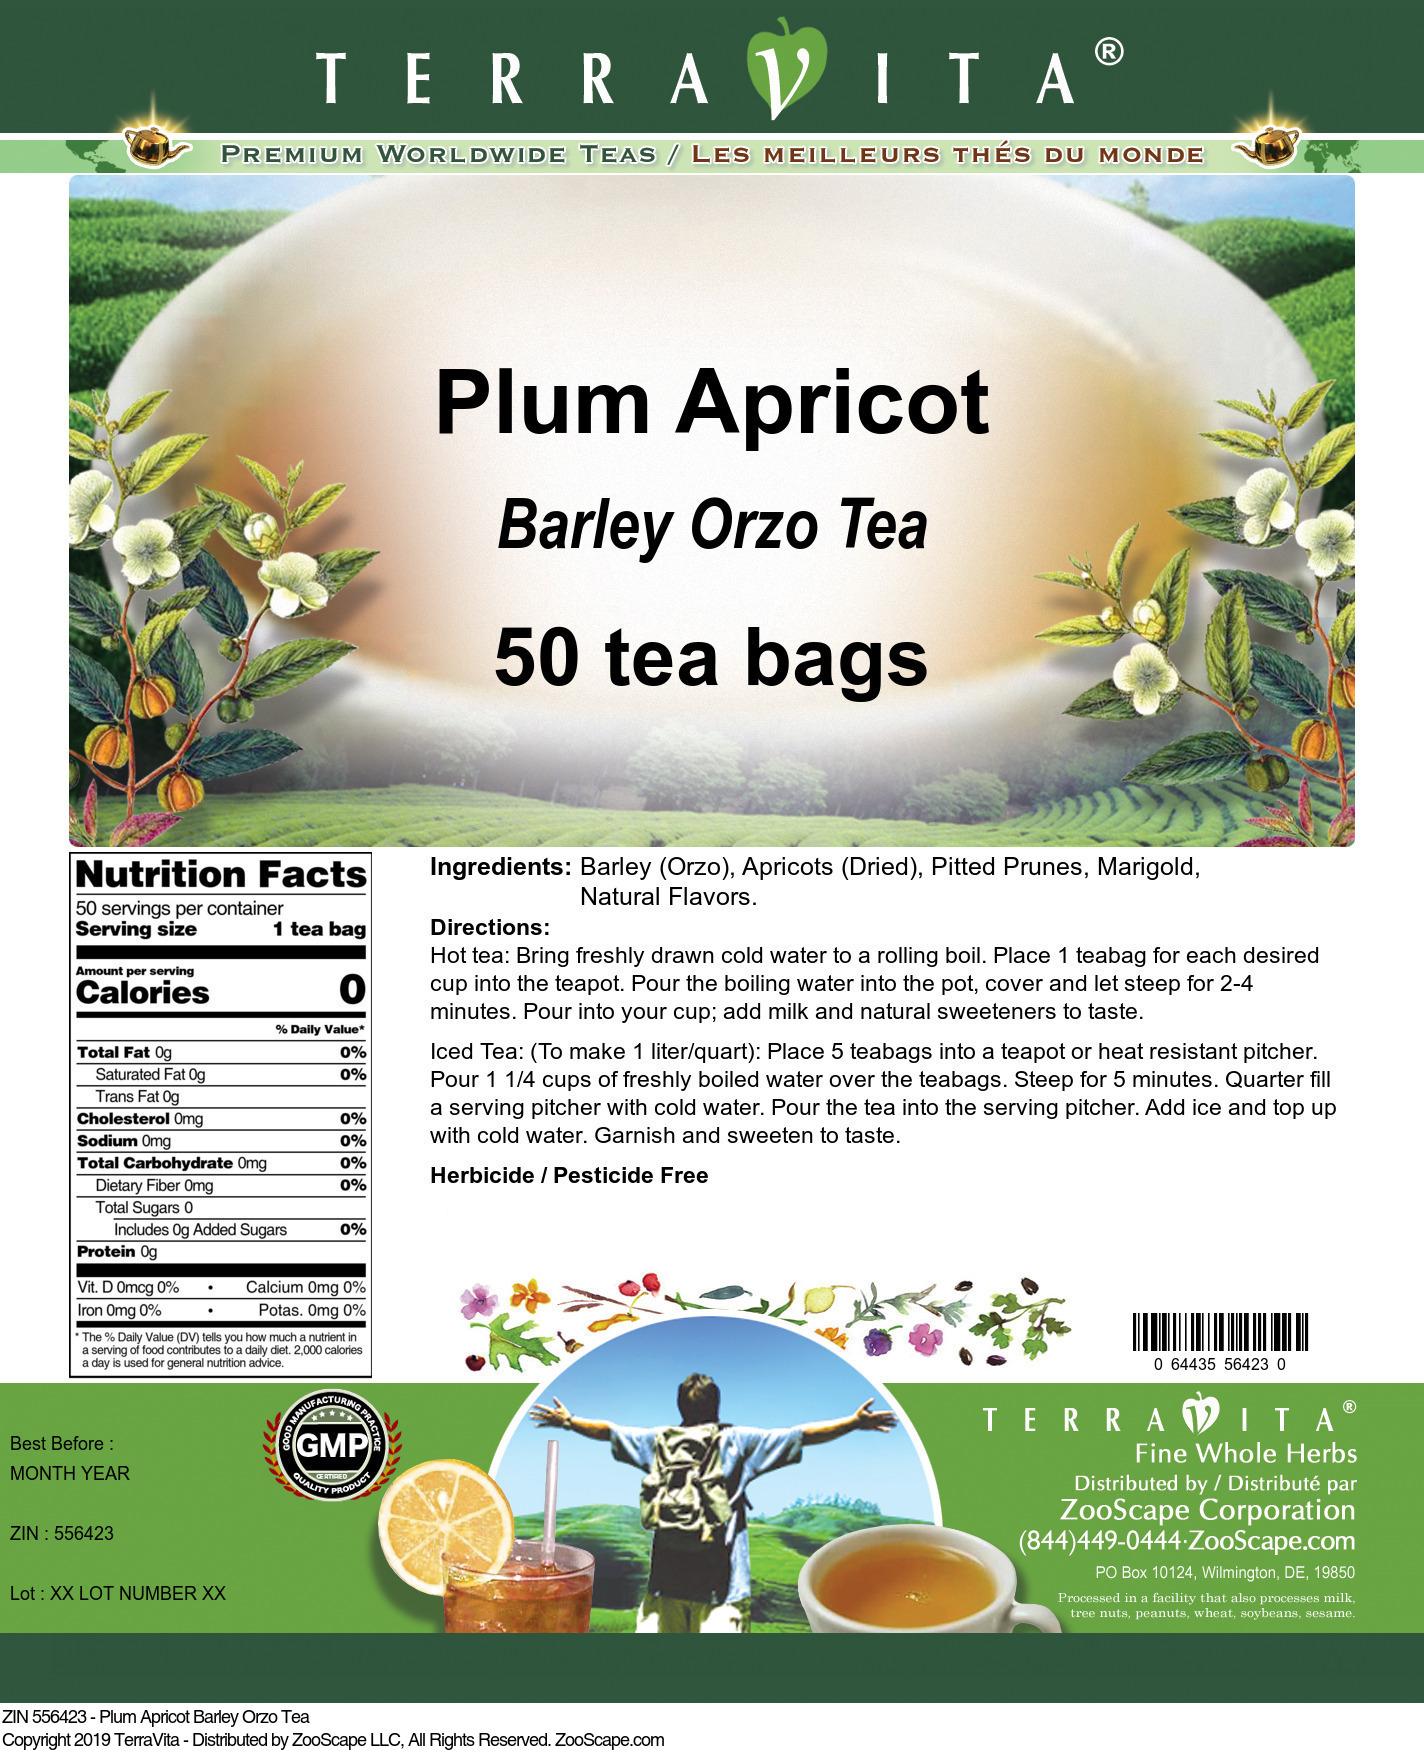 Plum Apricot Barley Orzo Tea